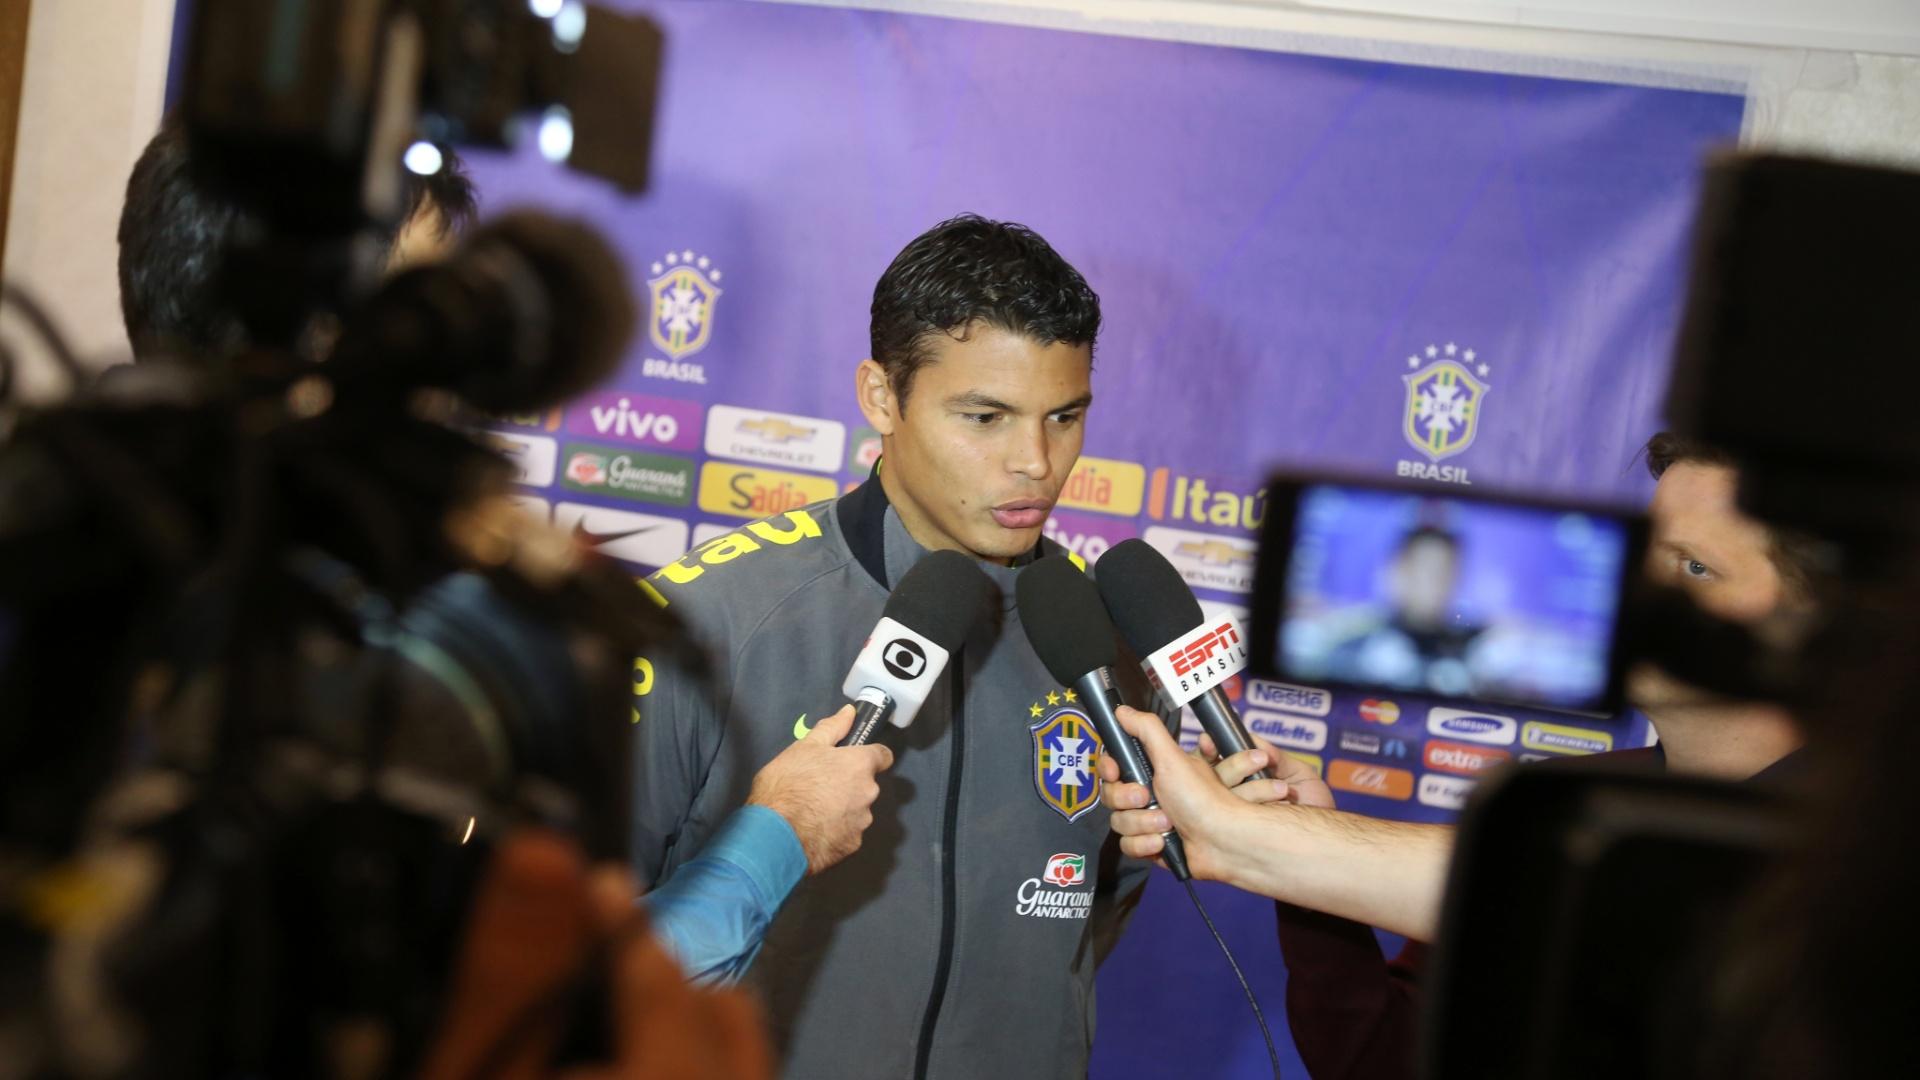 Thiago Silva reclamou por ir para a reserva. Dois meses antes, Maicon havia sido cortado da seleção